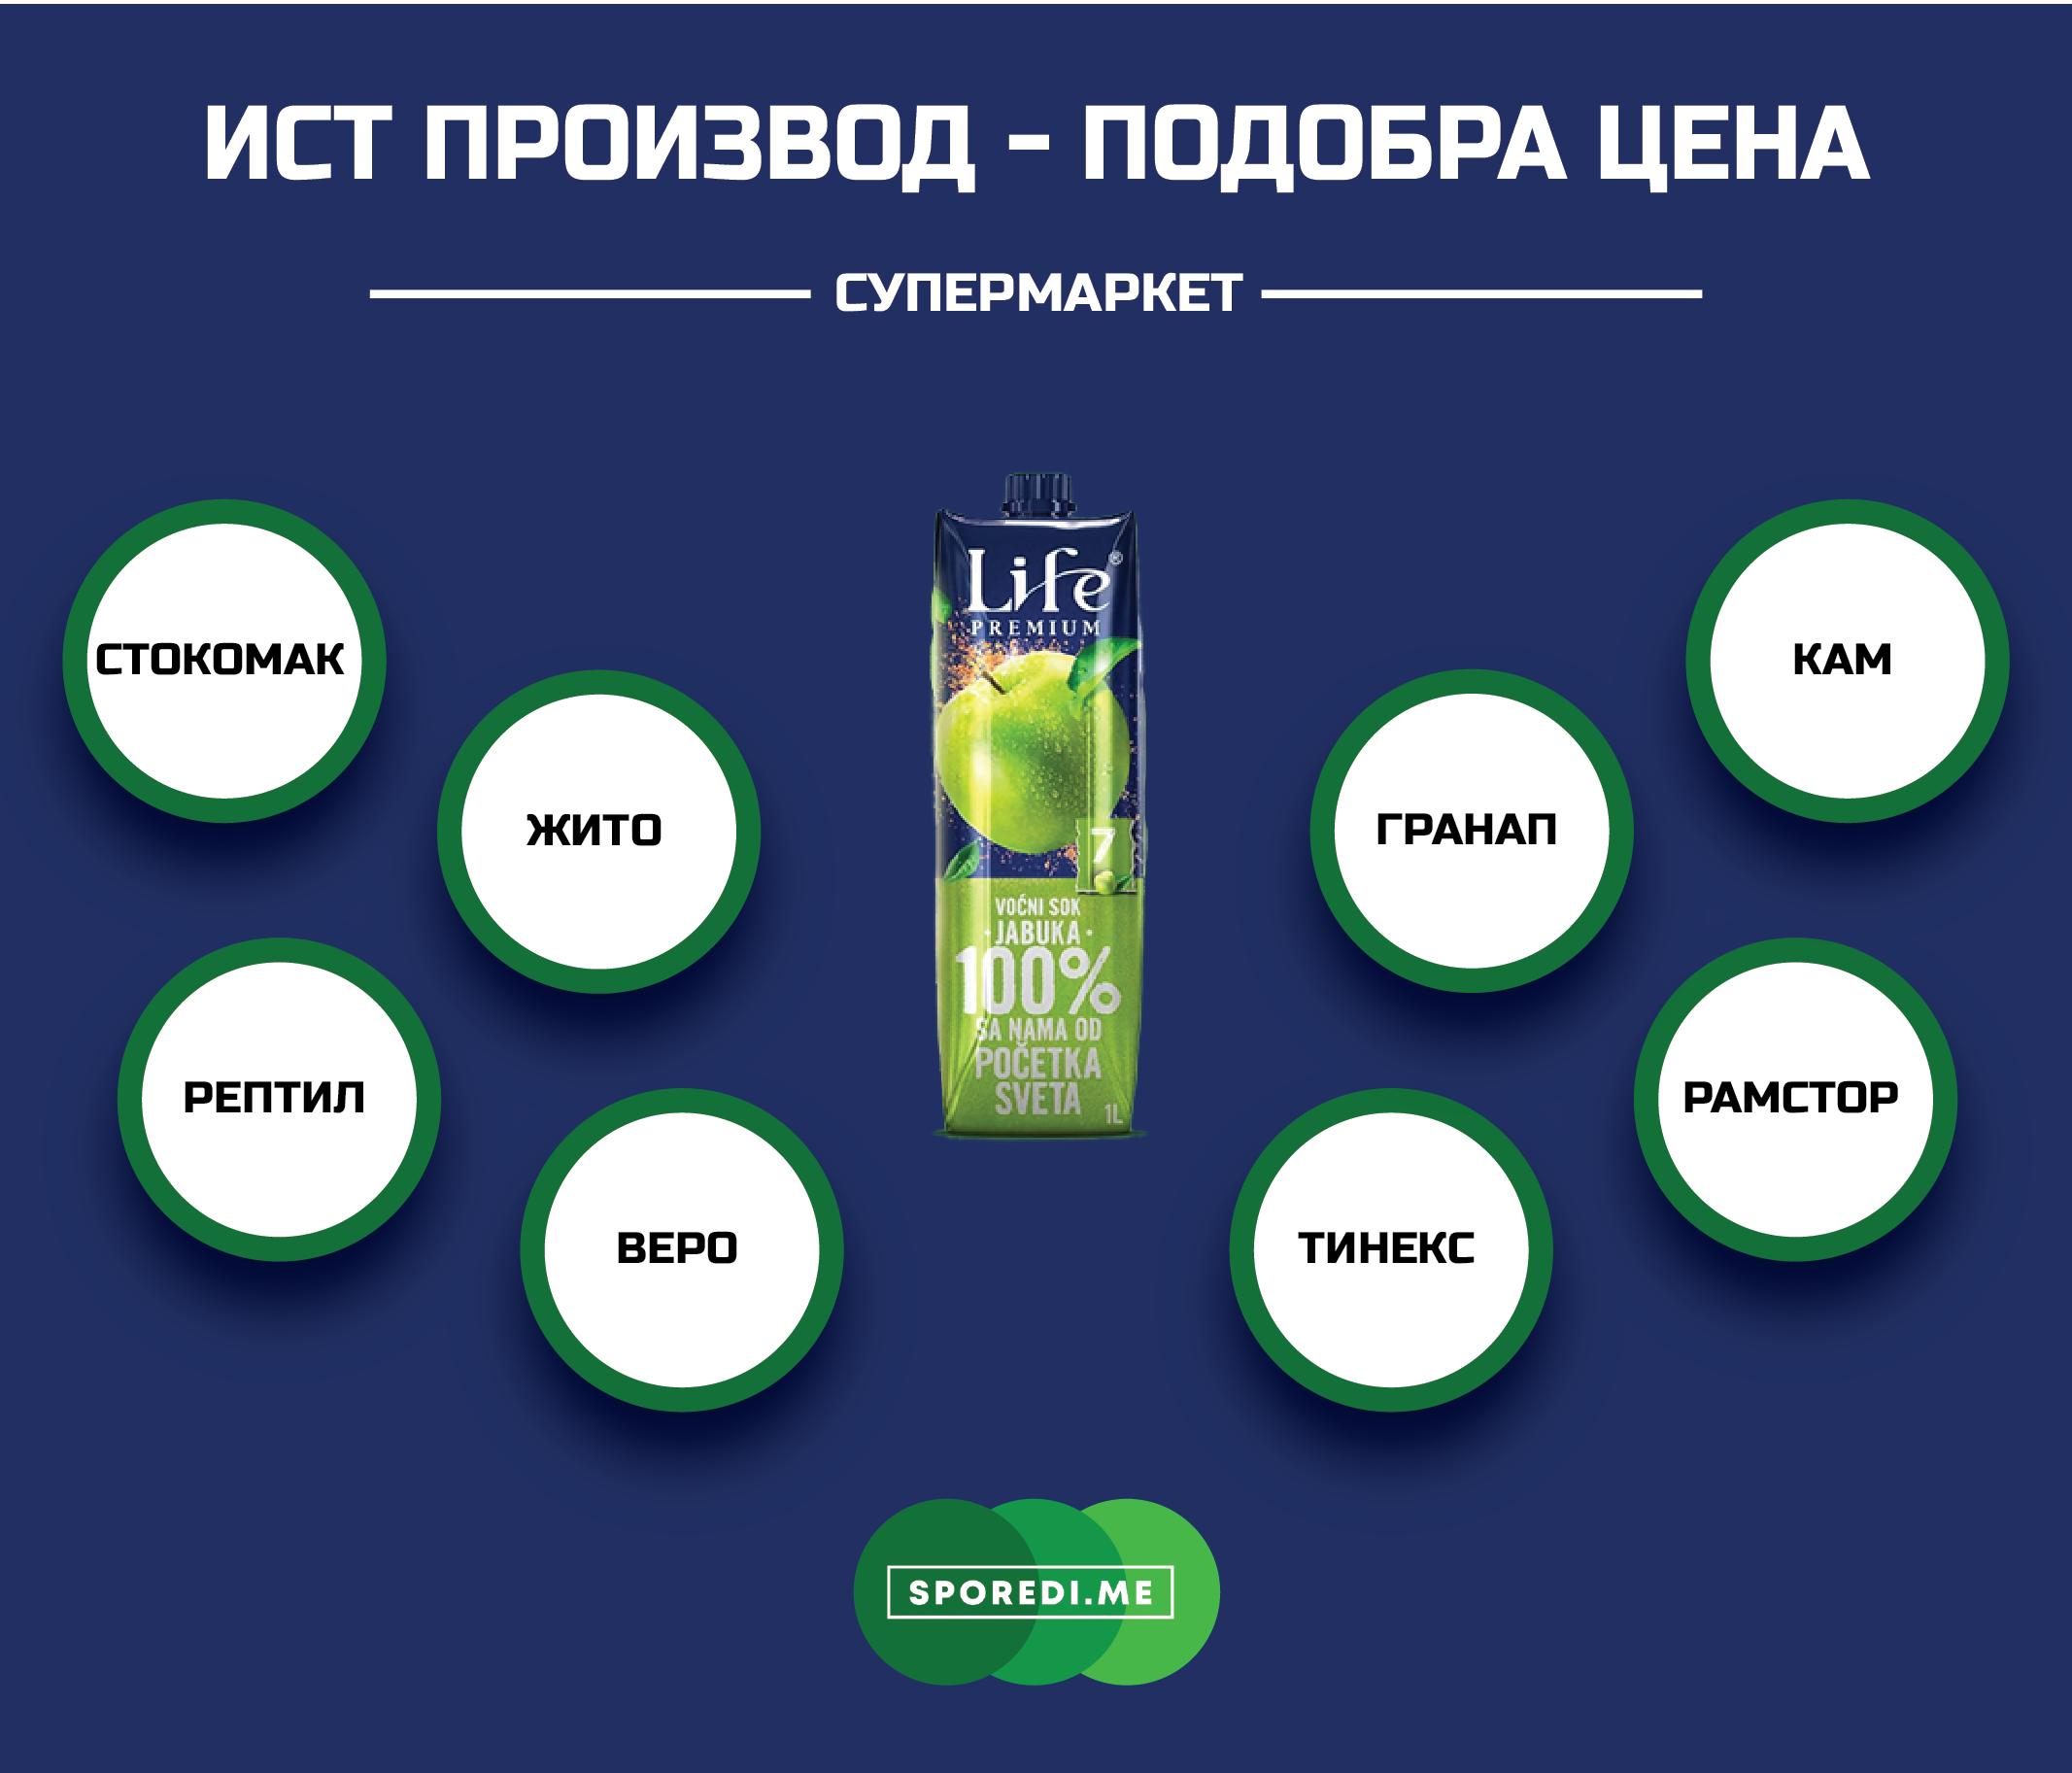 Каде сокот од јаболко на српскиот Нектар Life има најповолна цена